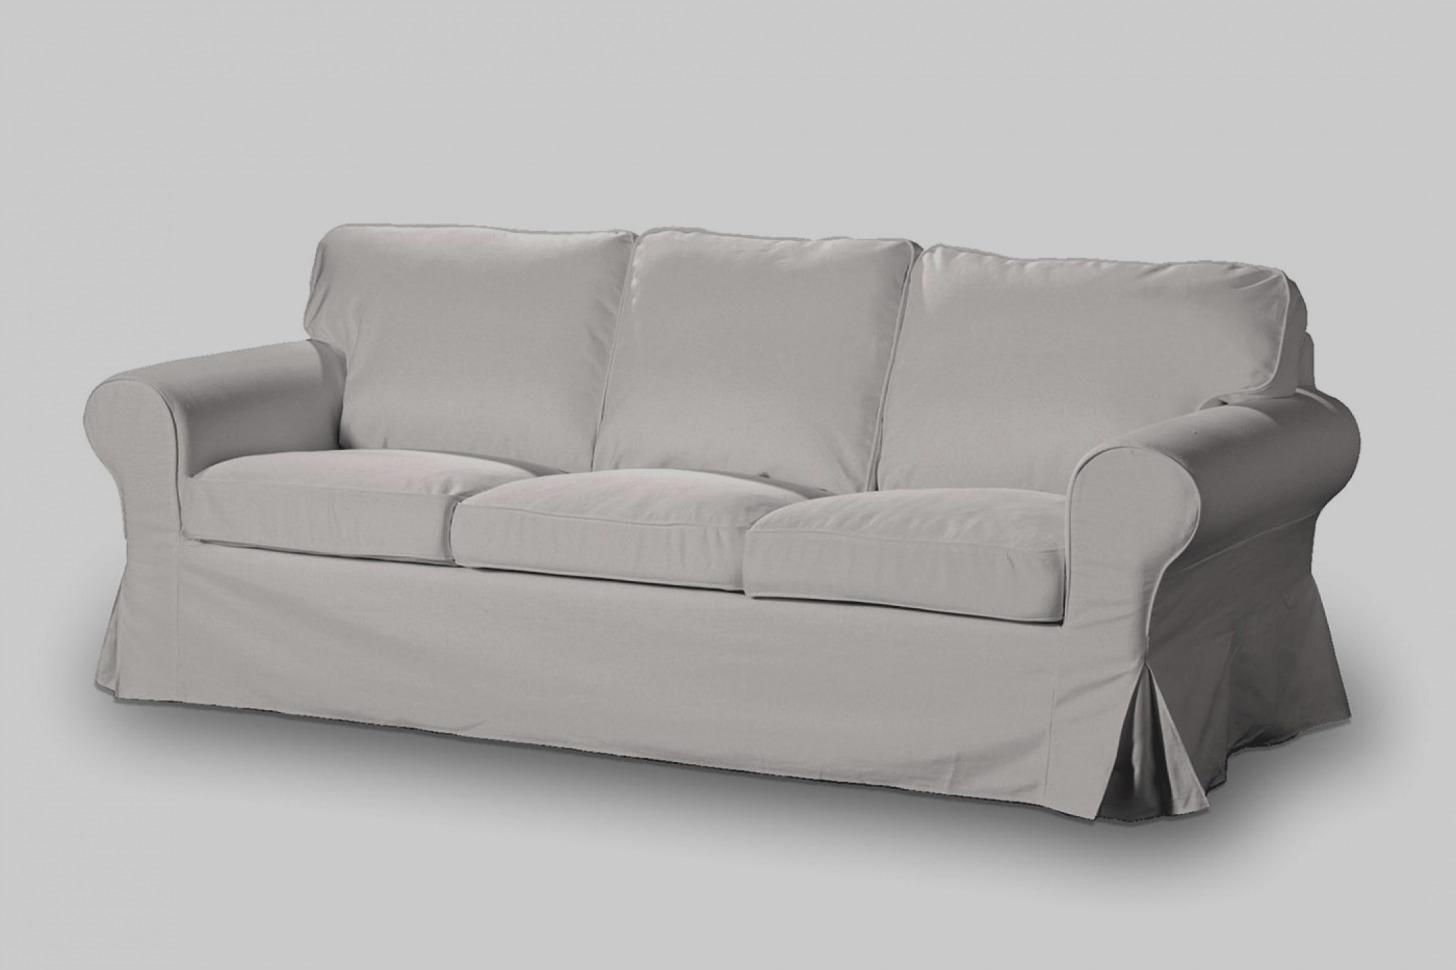 Housse Canape Ikea Ancien Modele Meilleur De Photographie Habiller Un Canapé Centralillaw